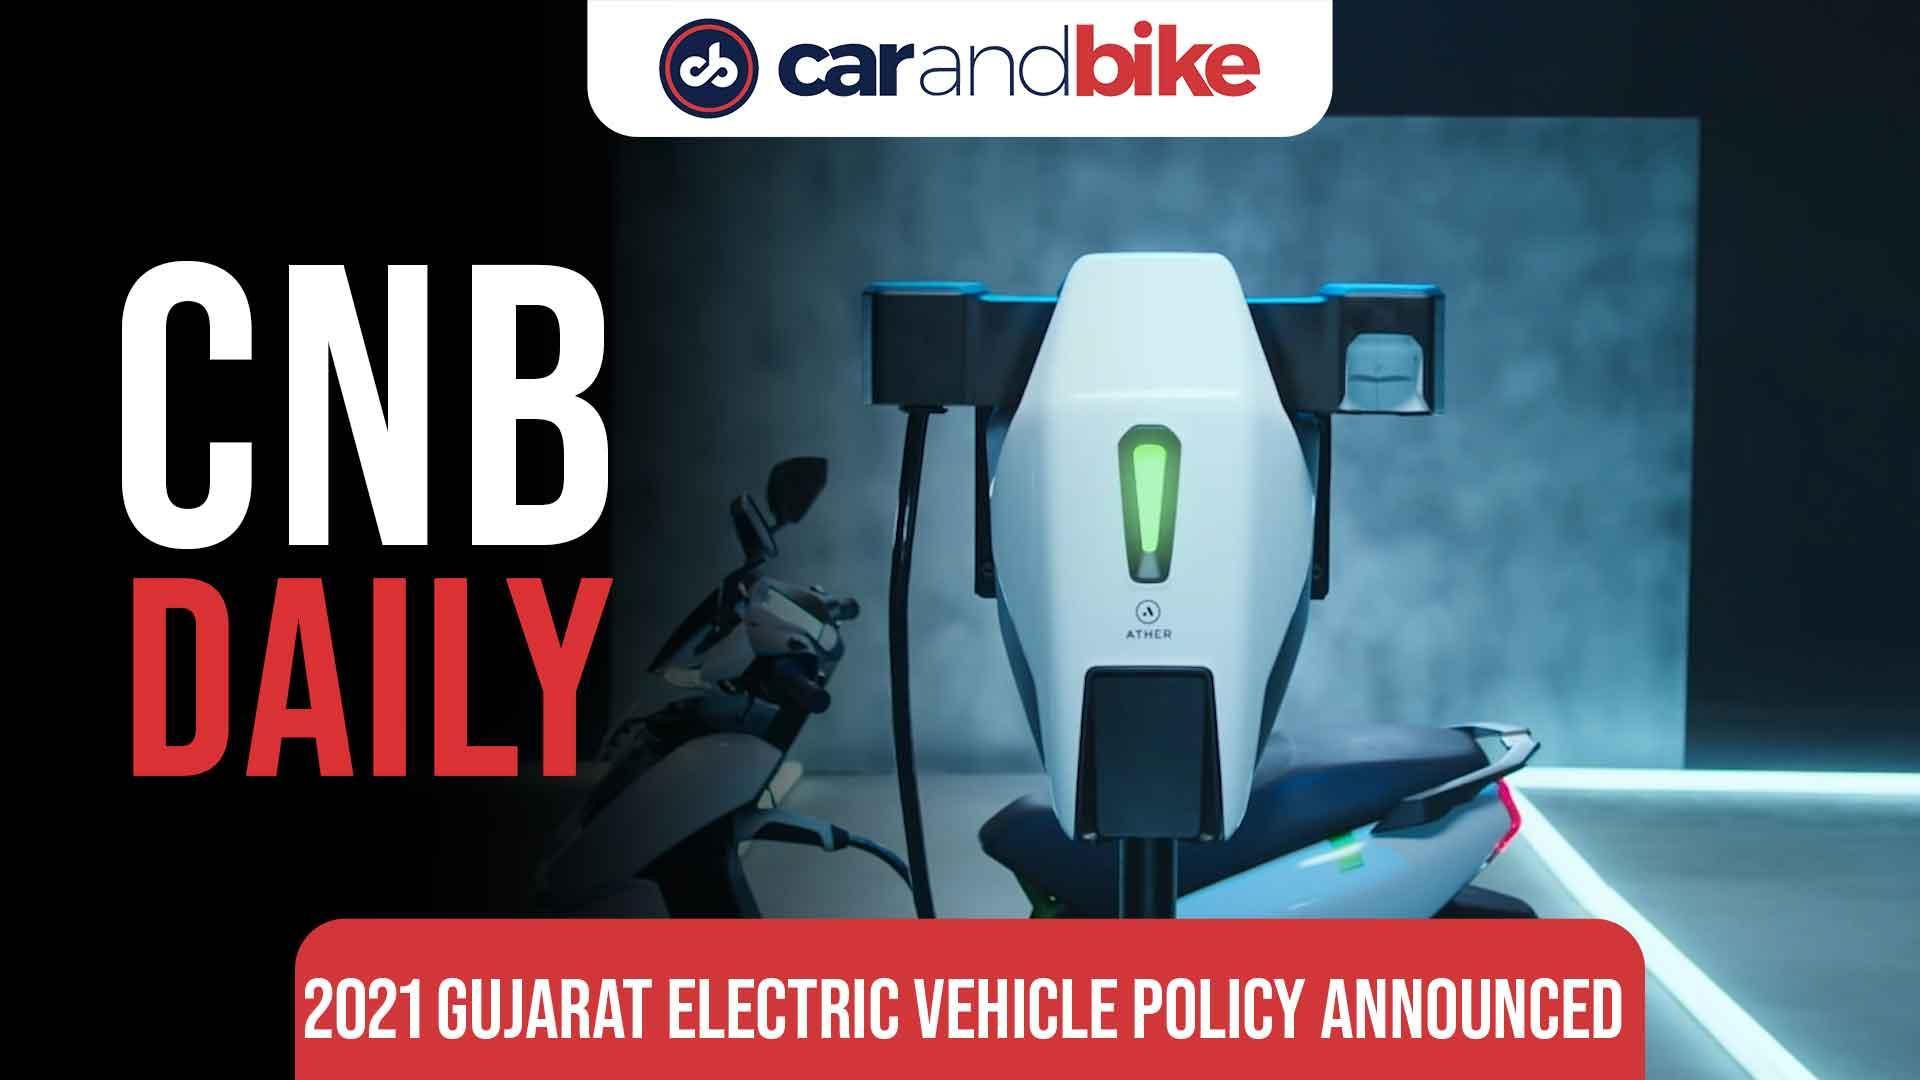 2021 Gujarat EV Policy Announced